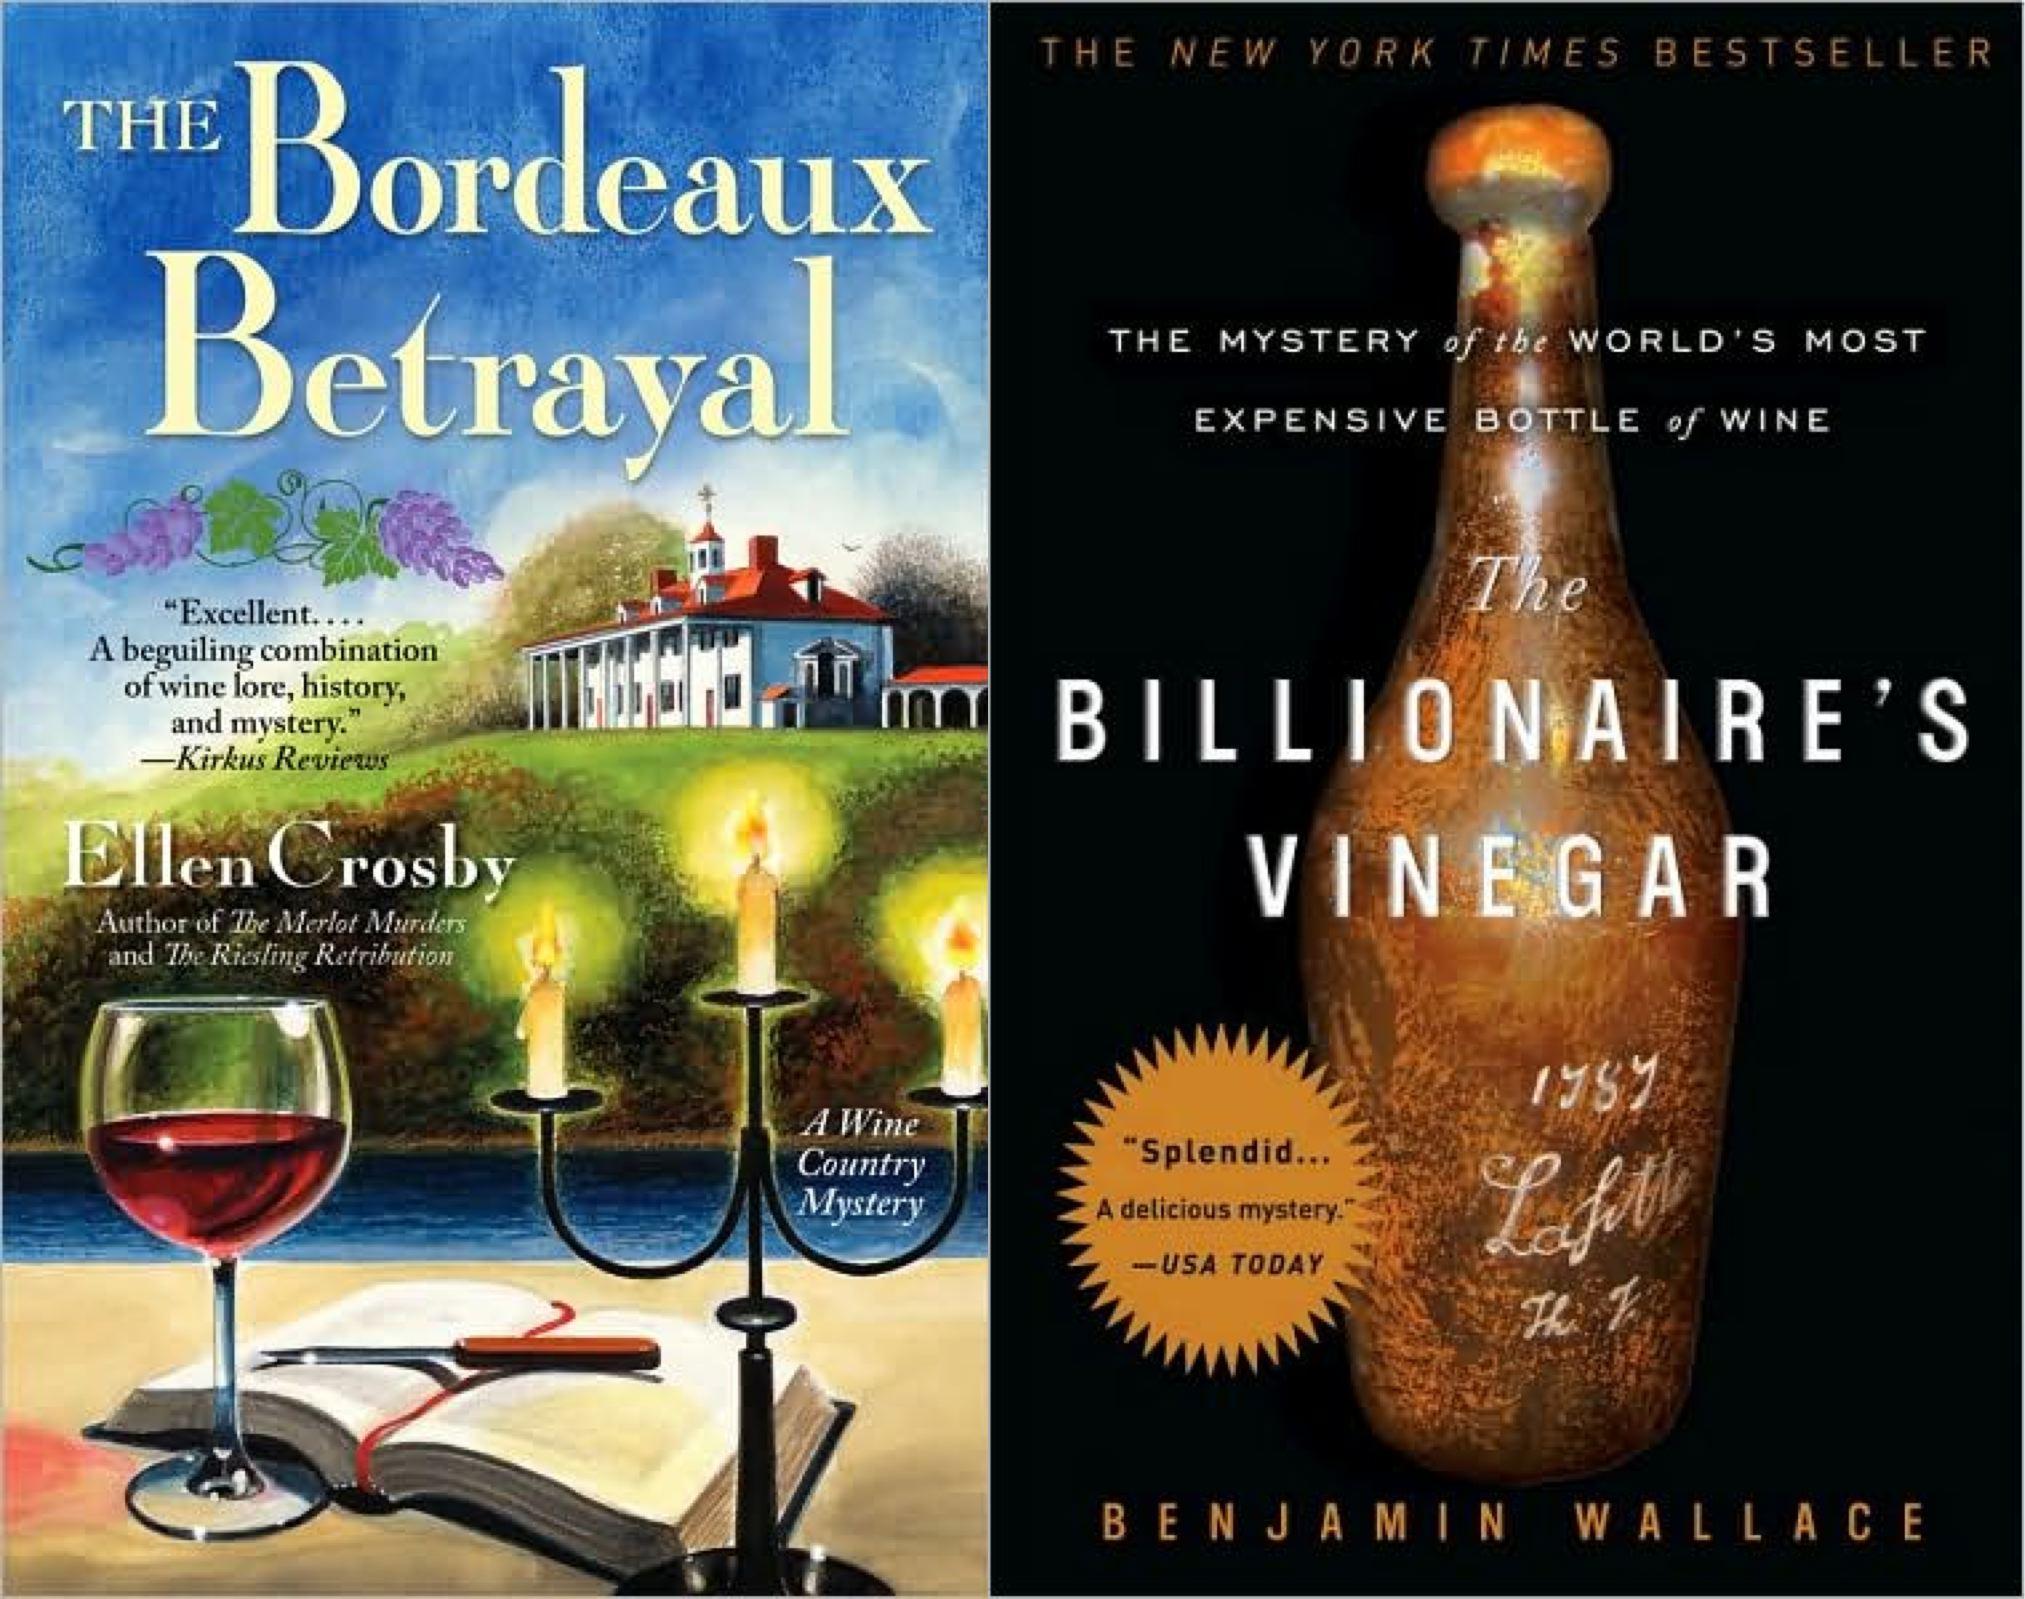 Bordeaux Billionaire Vinegar covers